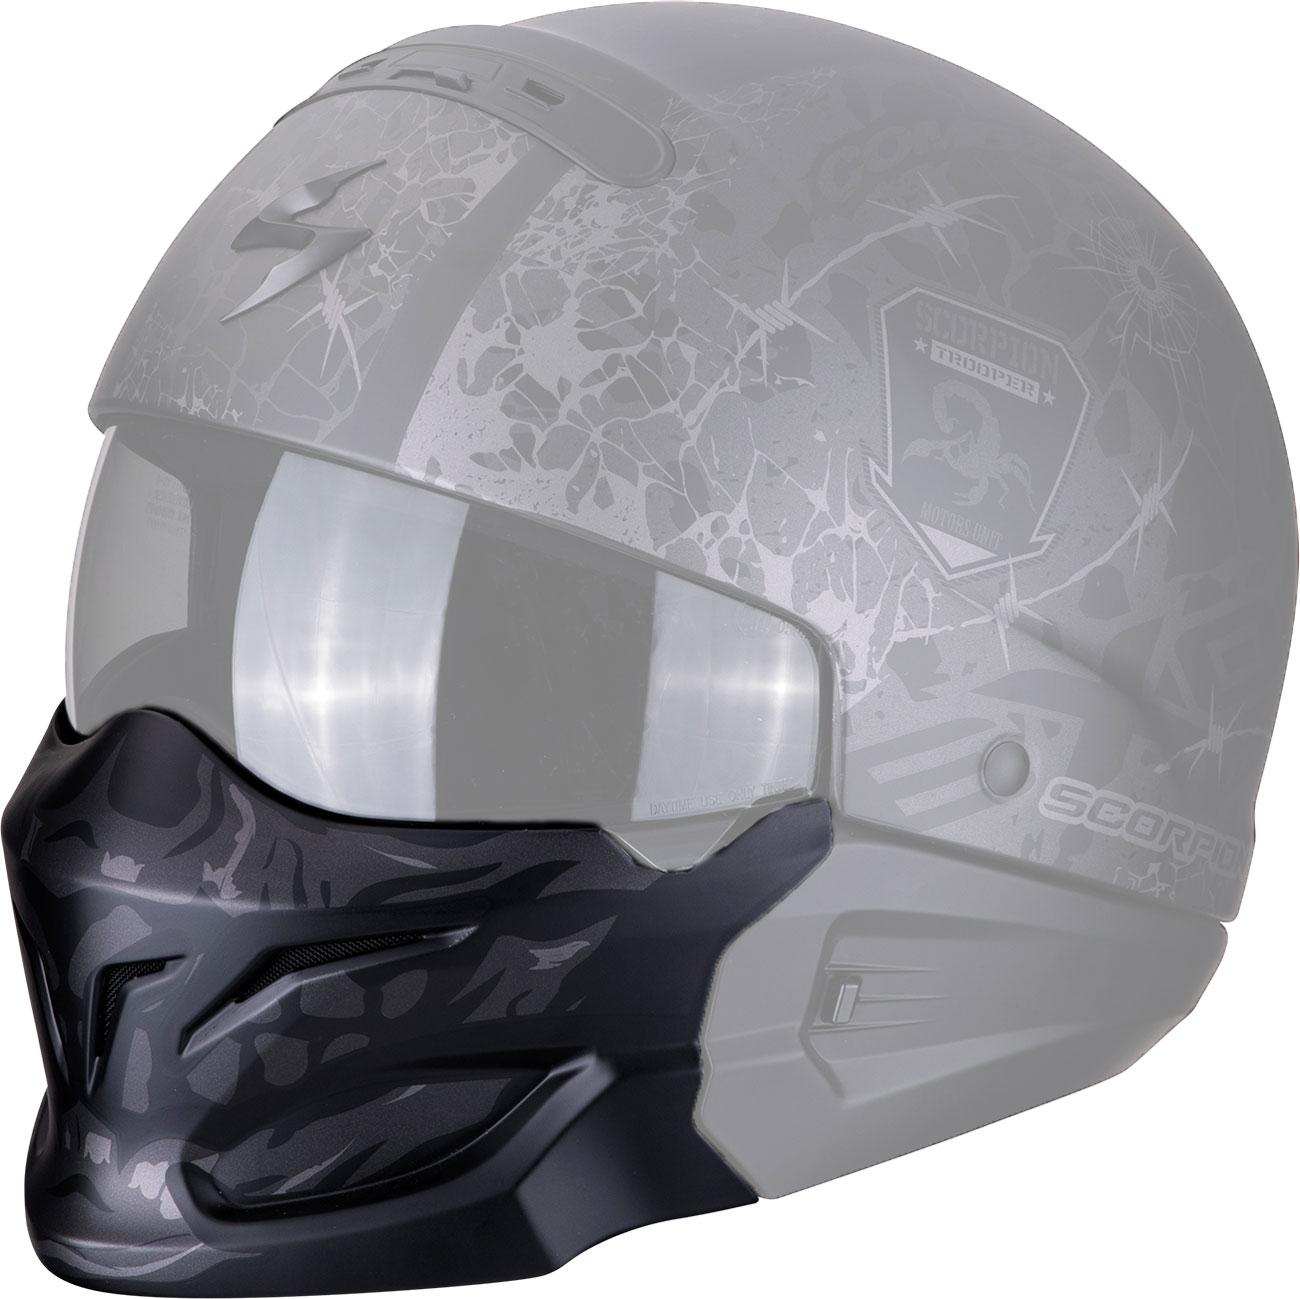 Scorpion EXO-Combat Skull, Maske - Dunkelsilber 99-934-013